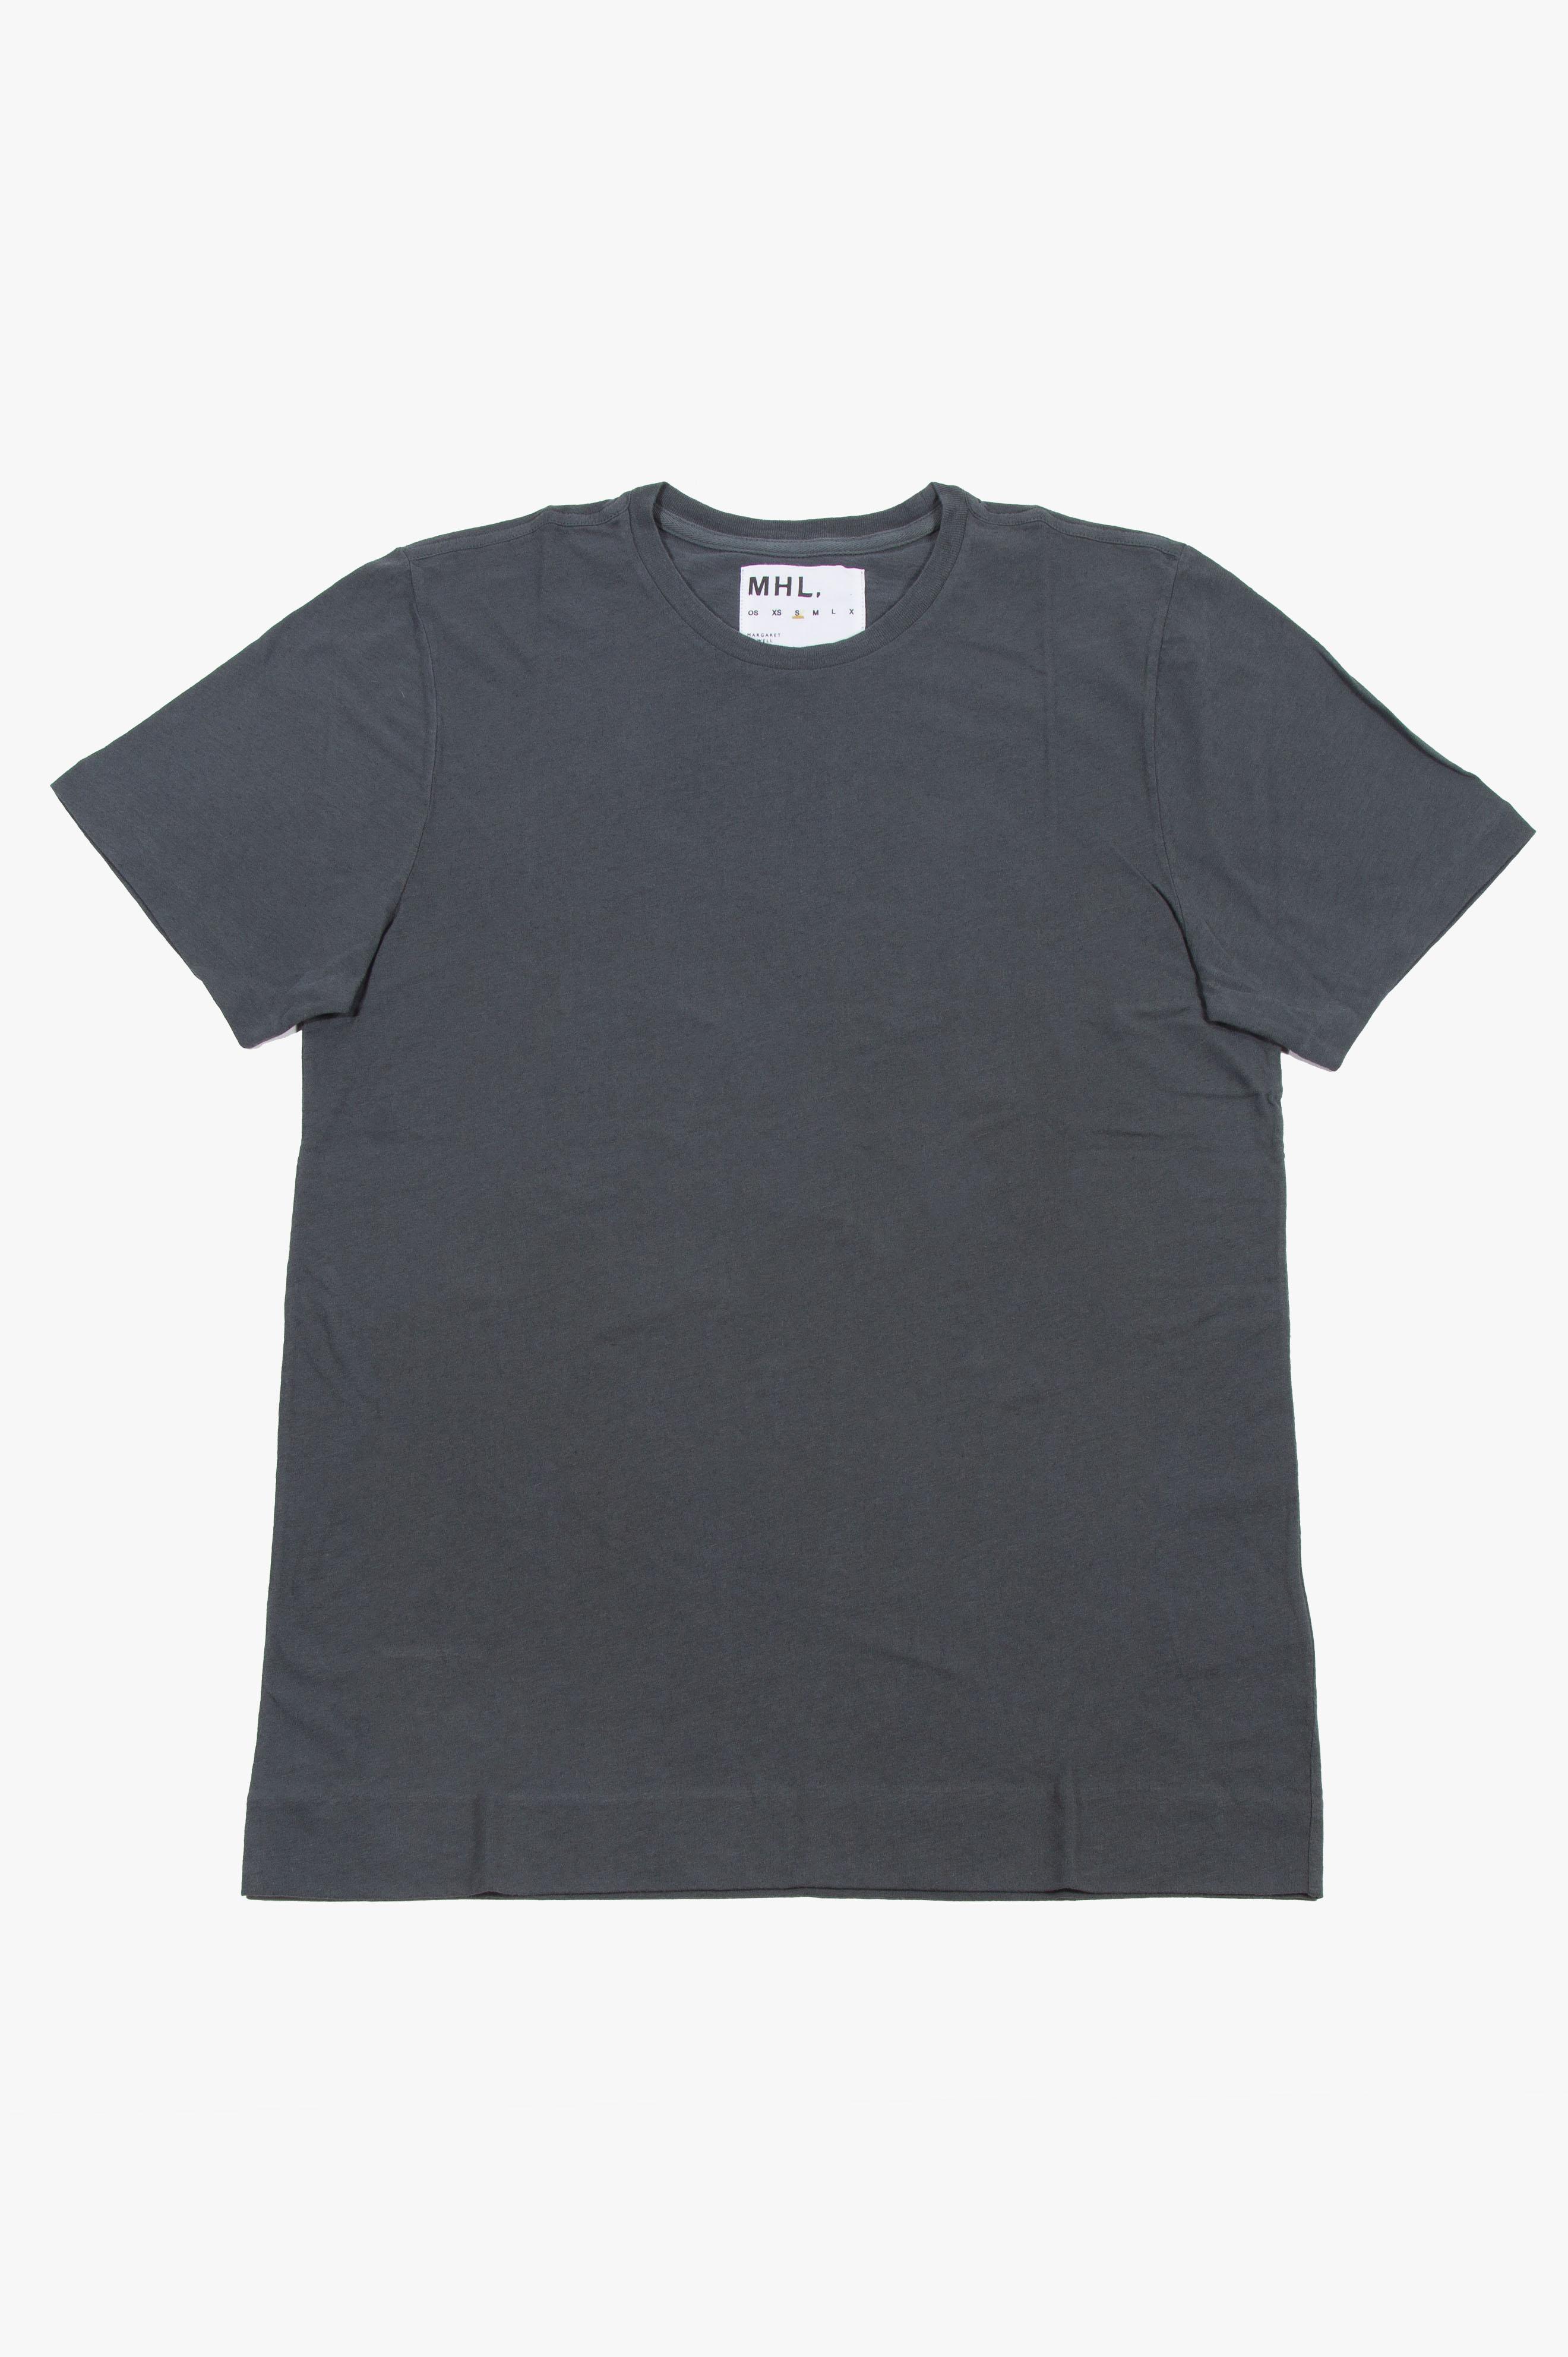 Basic T-Shirt Charcoal